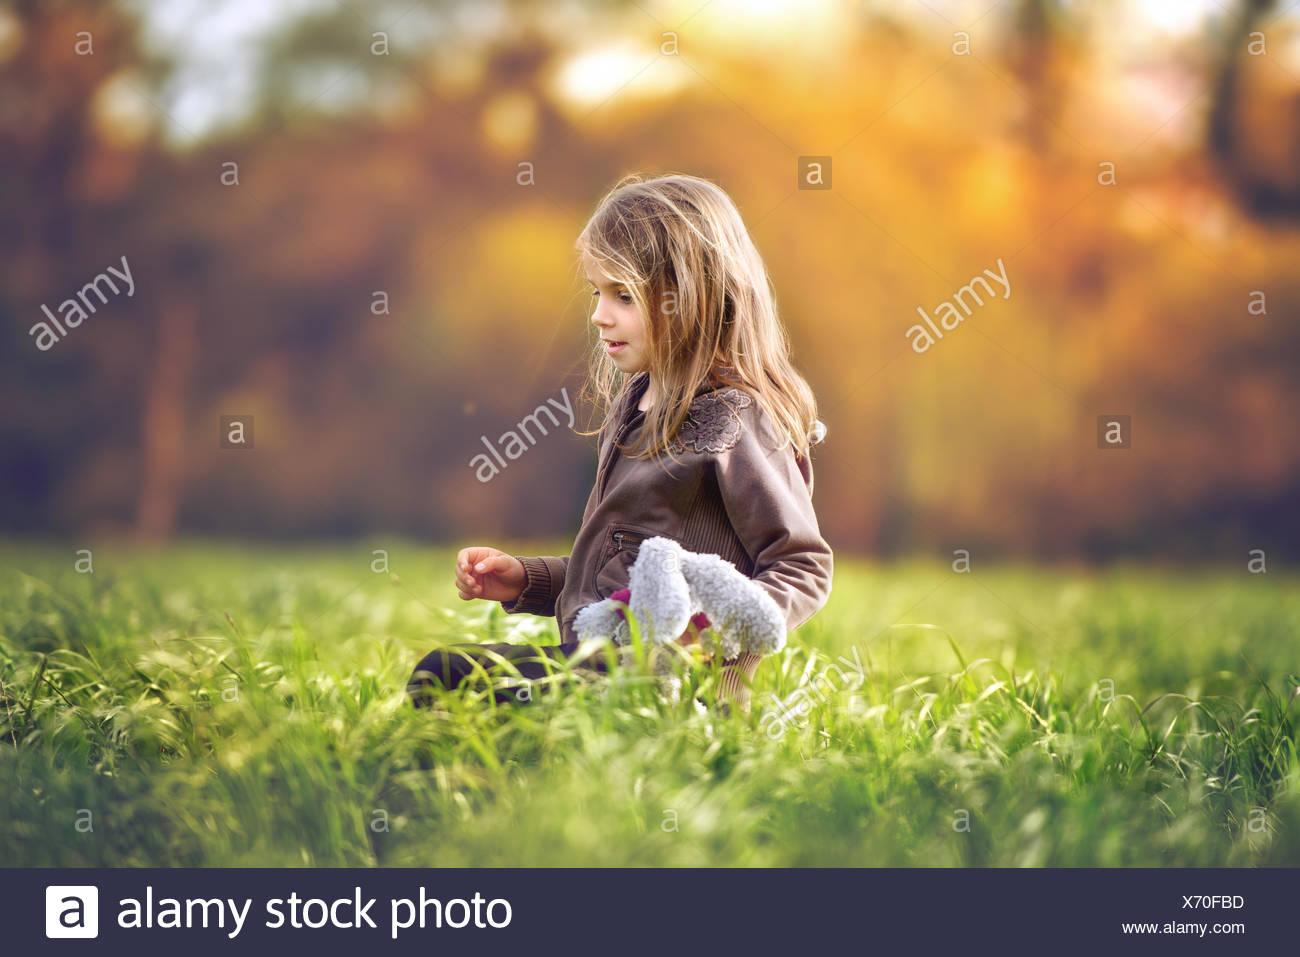 Chica sentada en un campo sosteniendo un juguete blando Imagen De Stock